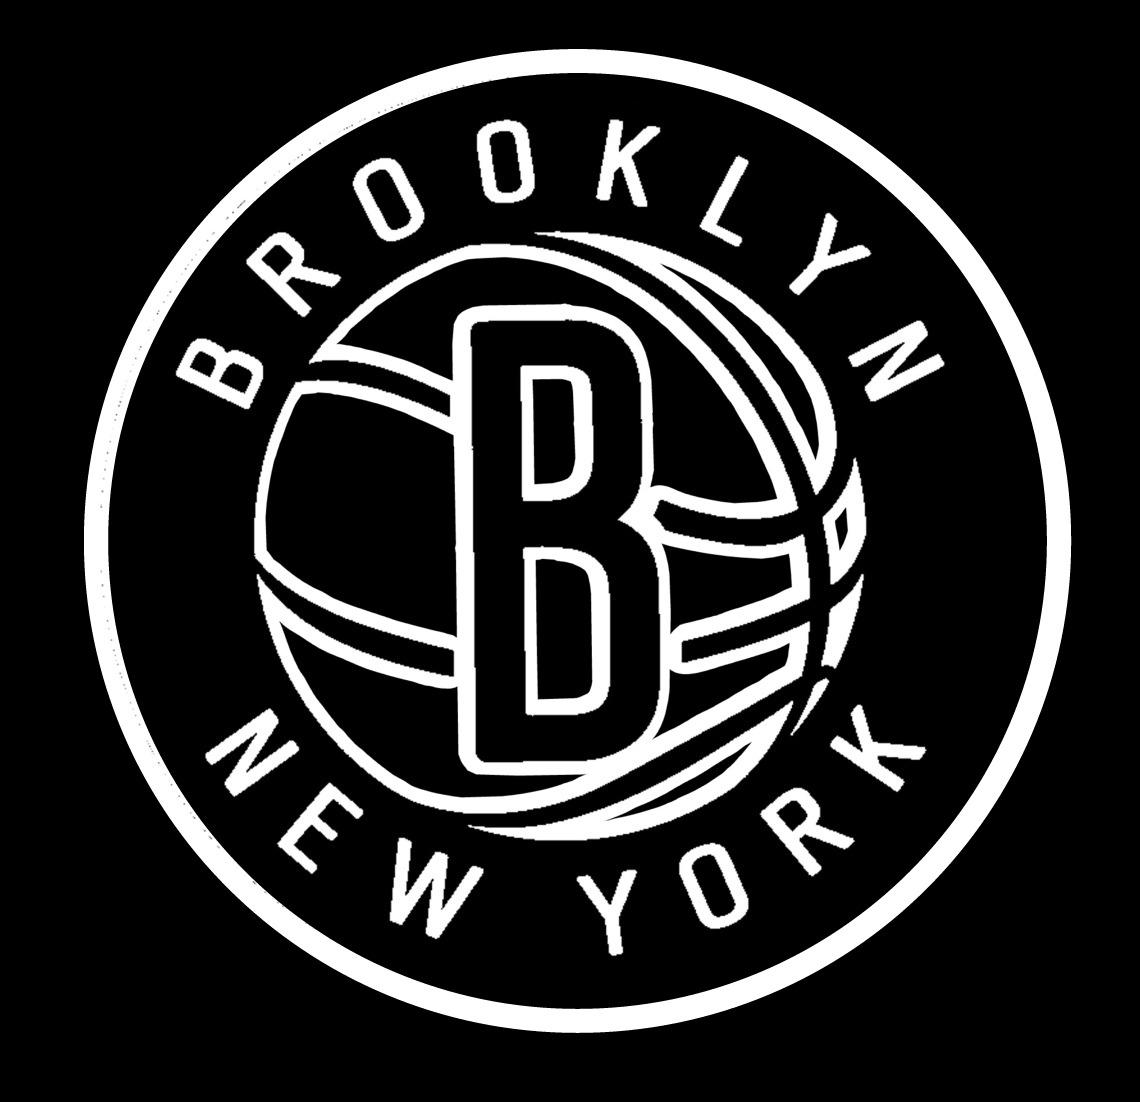 Nba Playoffs 2013 A Playoffs To Remember | All Basketball Scores Info